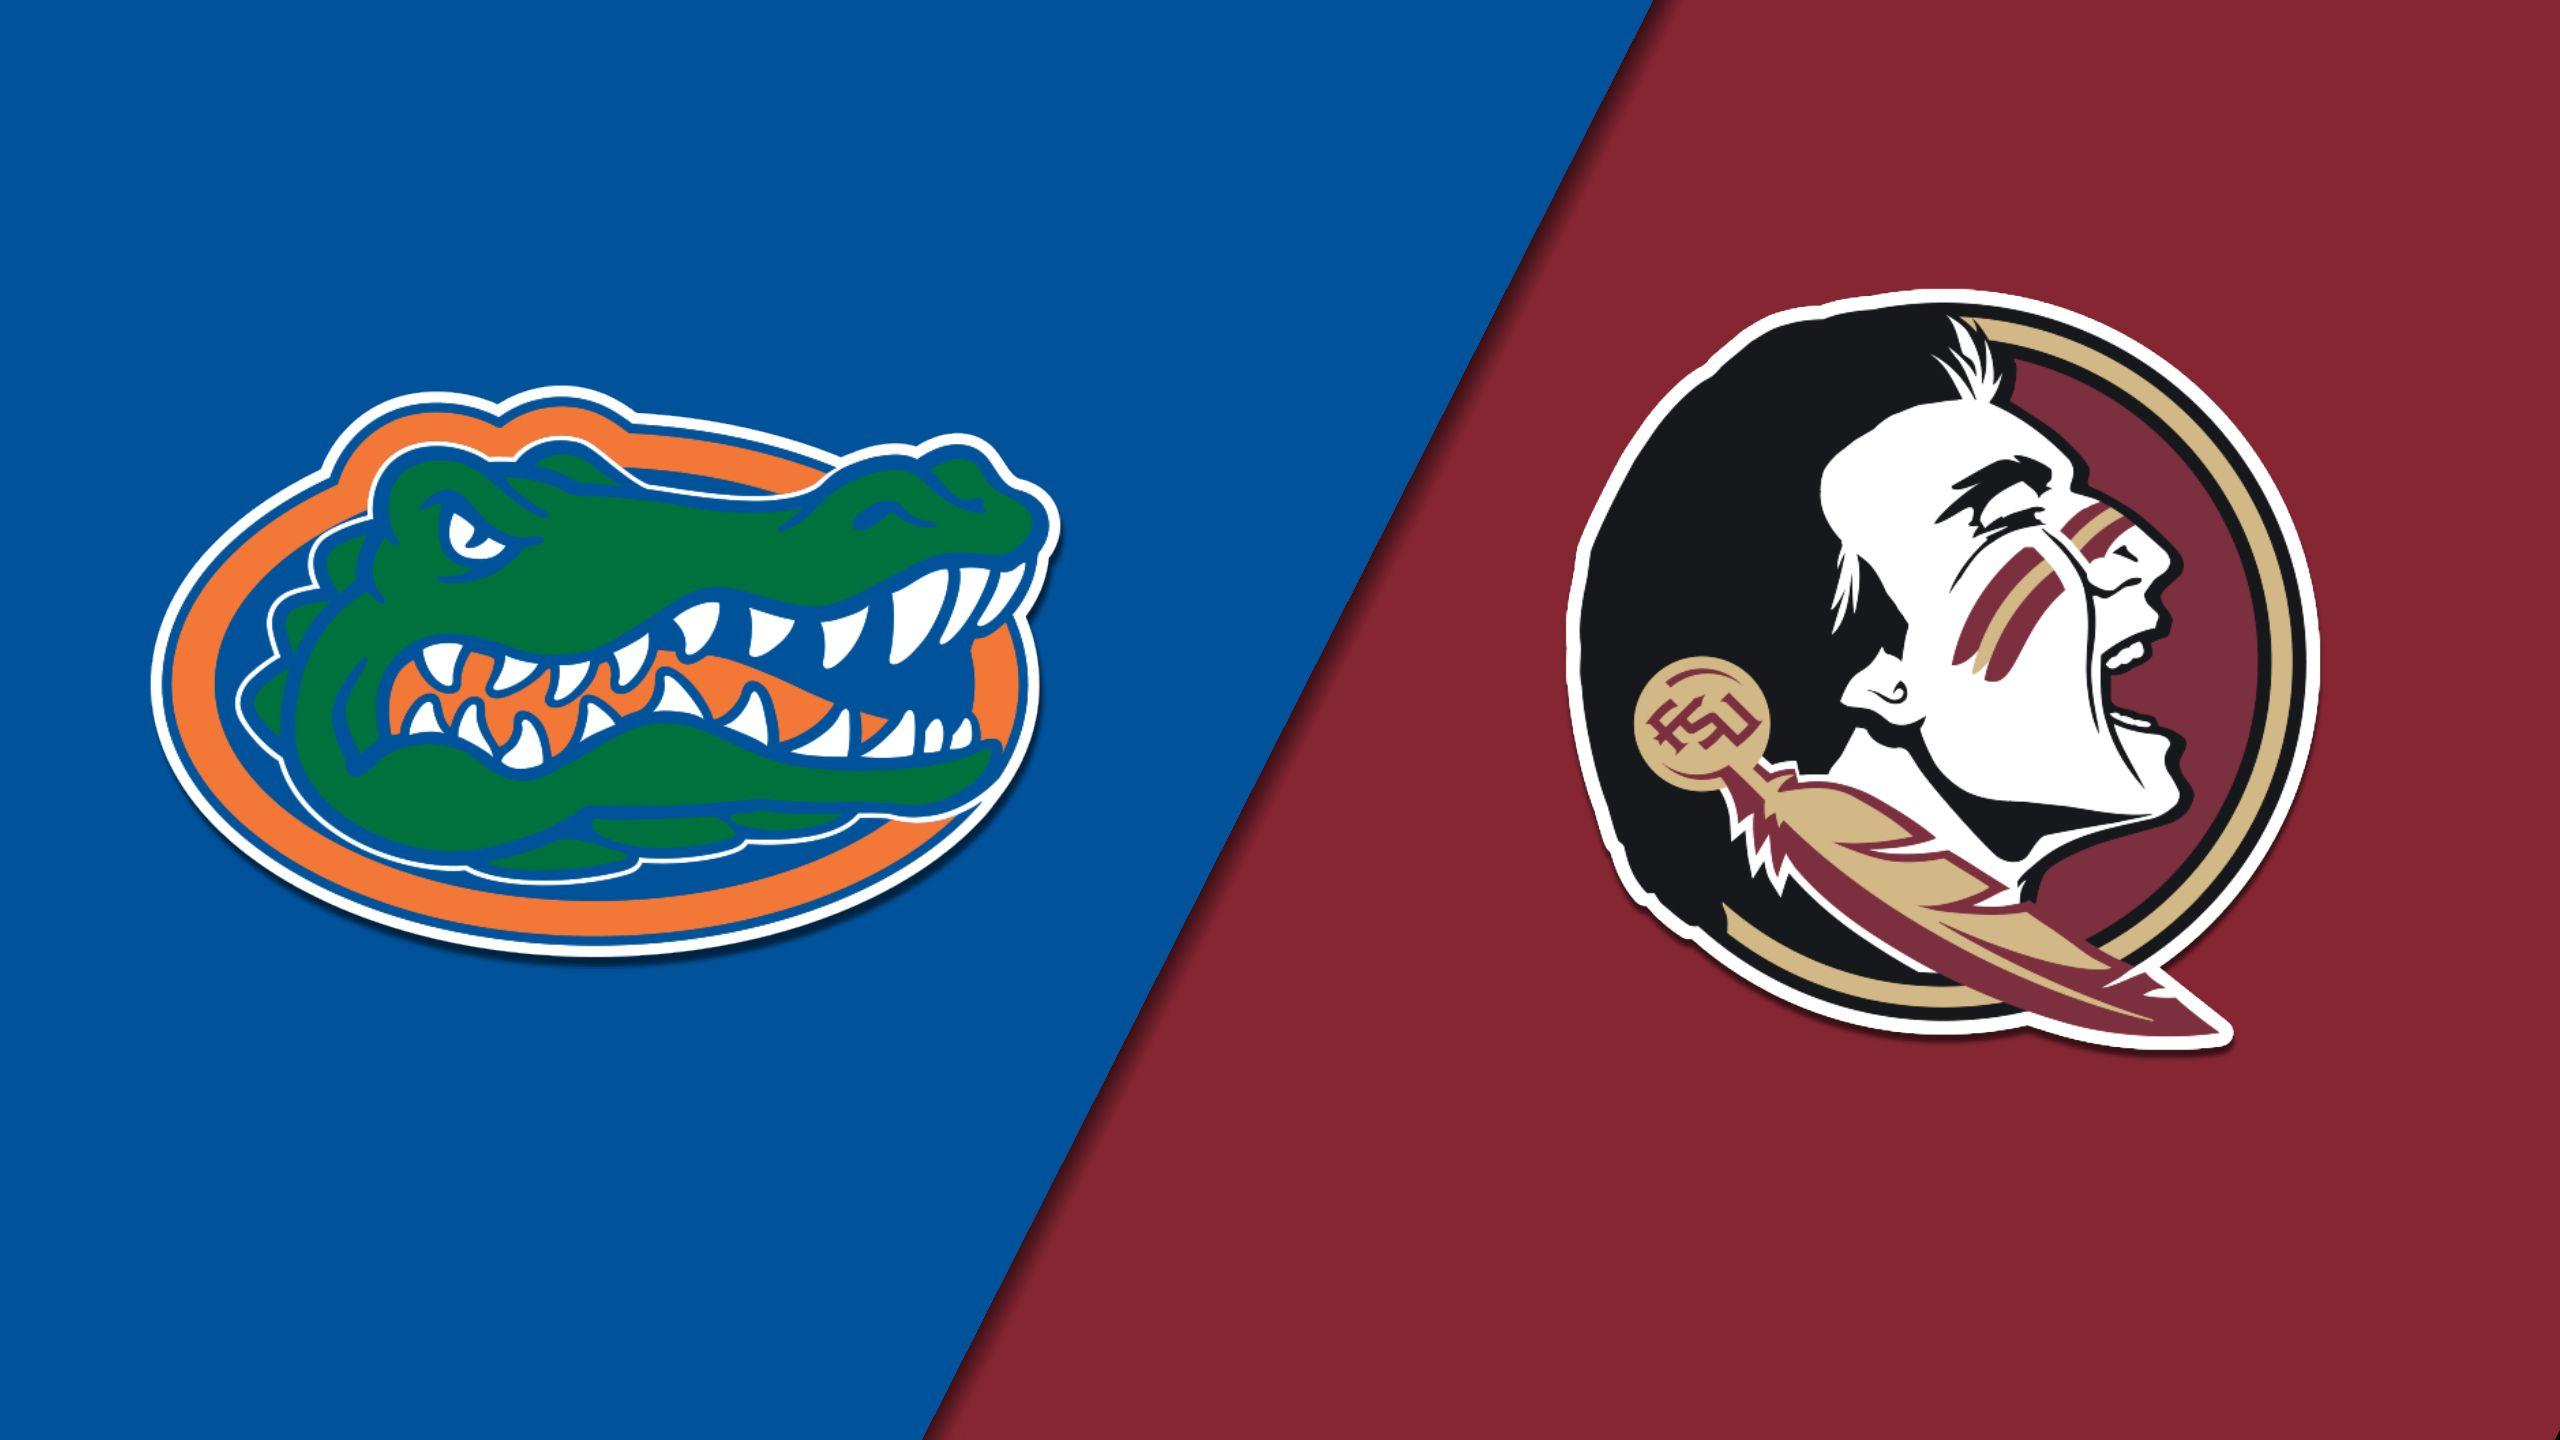 #1 Florida vs. #10 Florida State (Baseball)